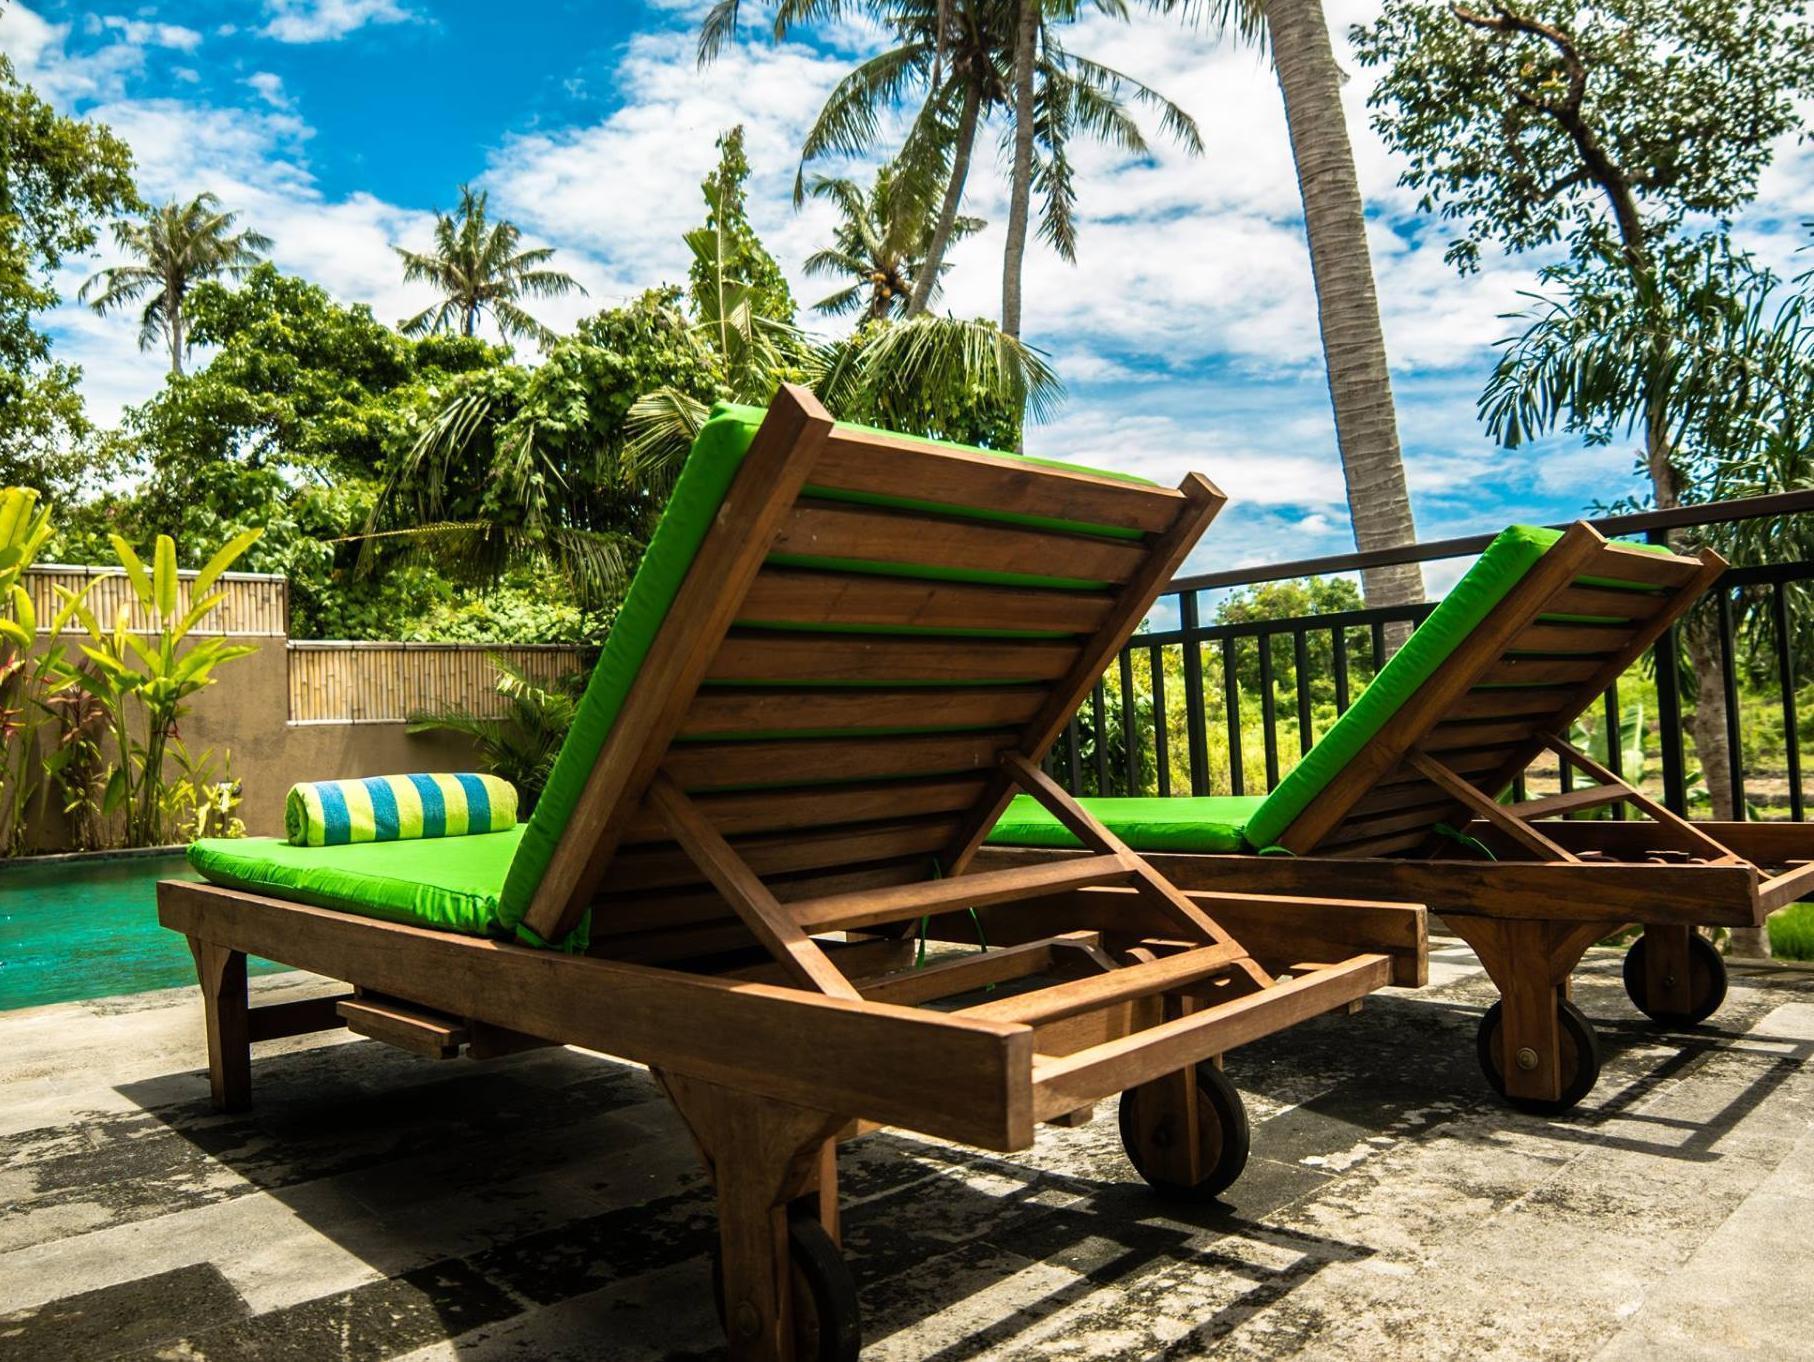 Bali Time Villas ホテル詳細